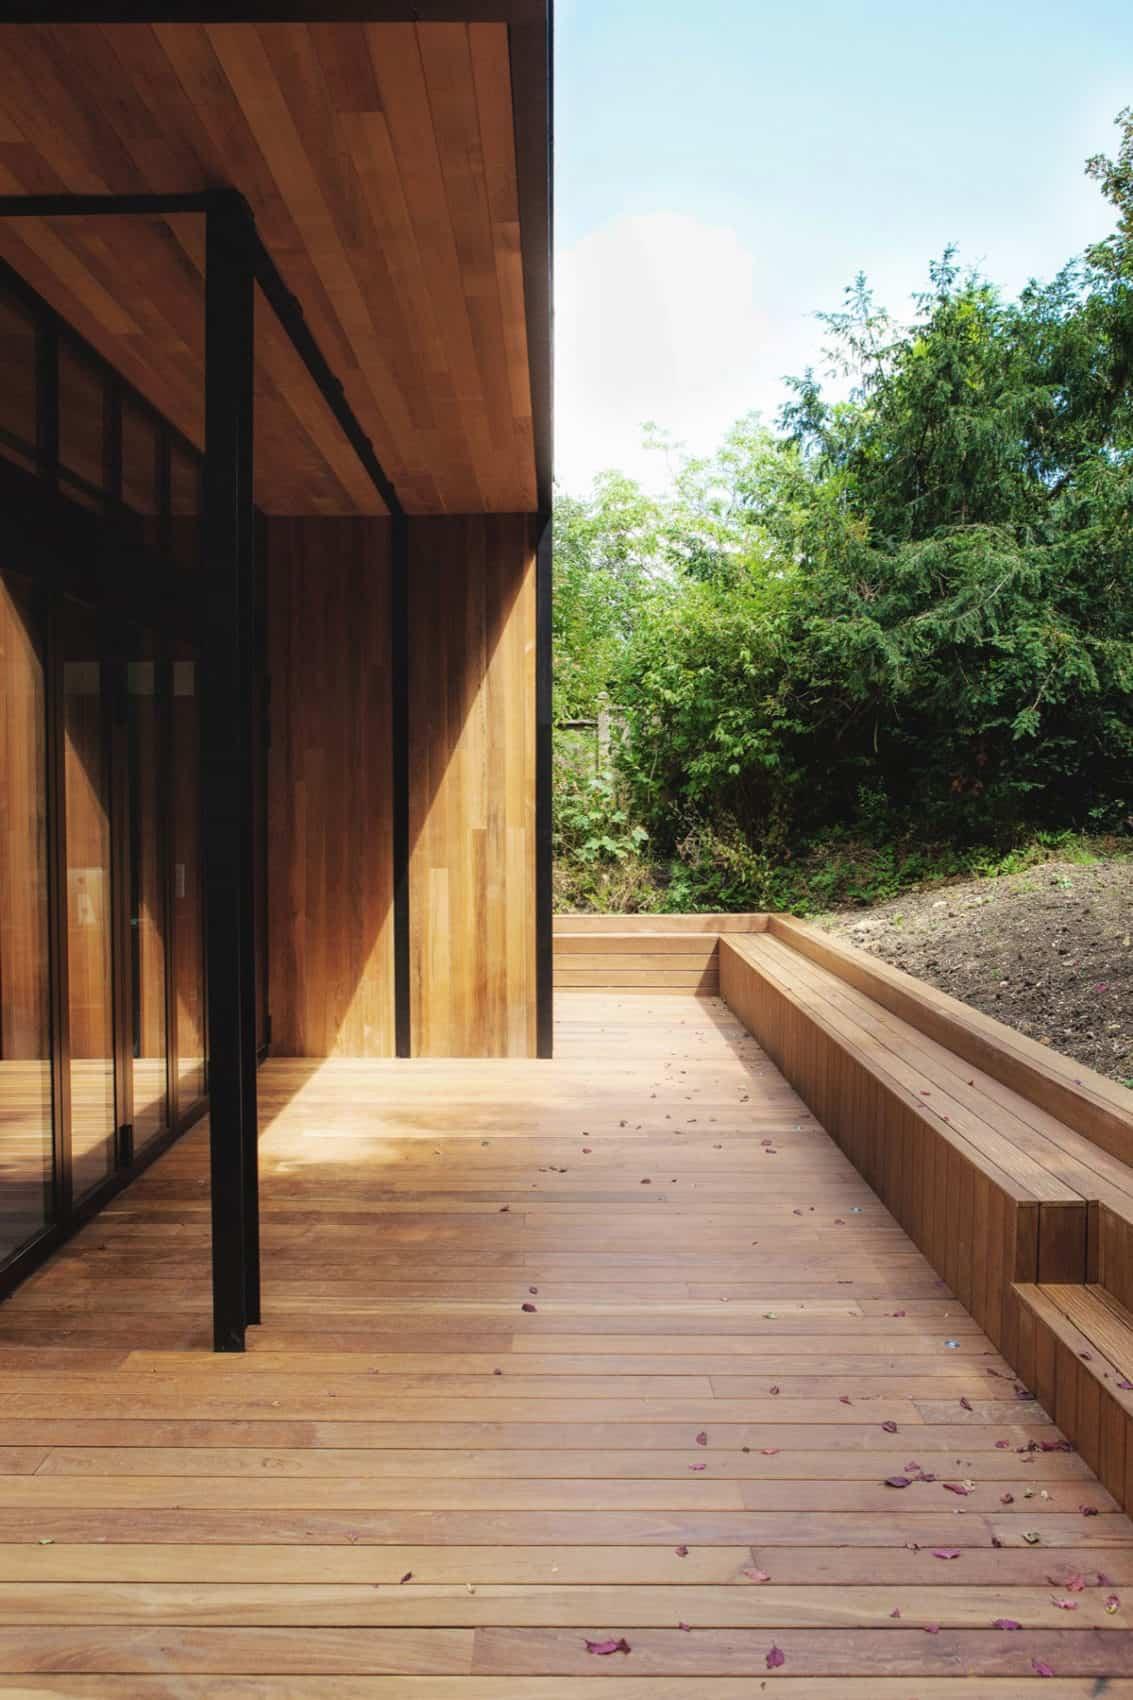 Maison Hauts de Seine by Atelier Lame Architecture (5)